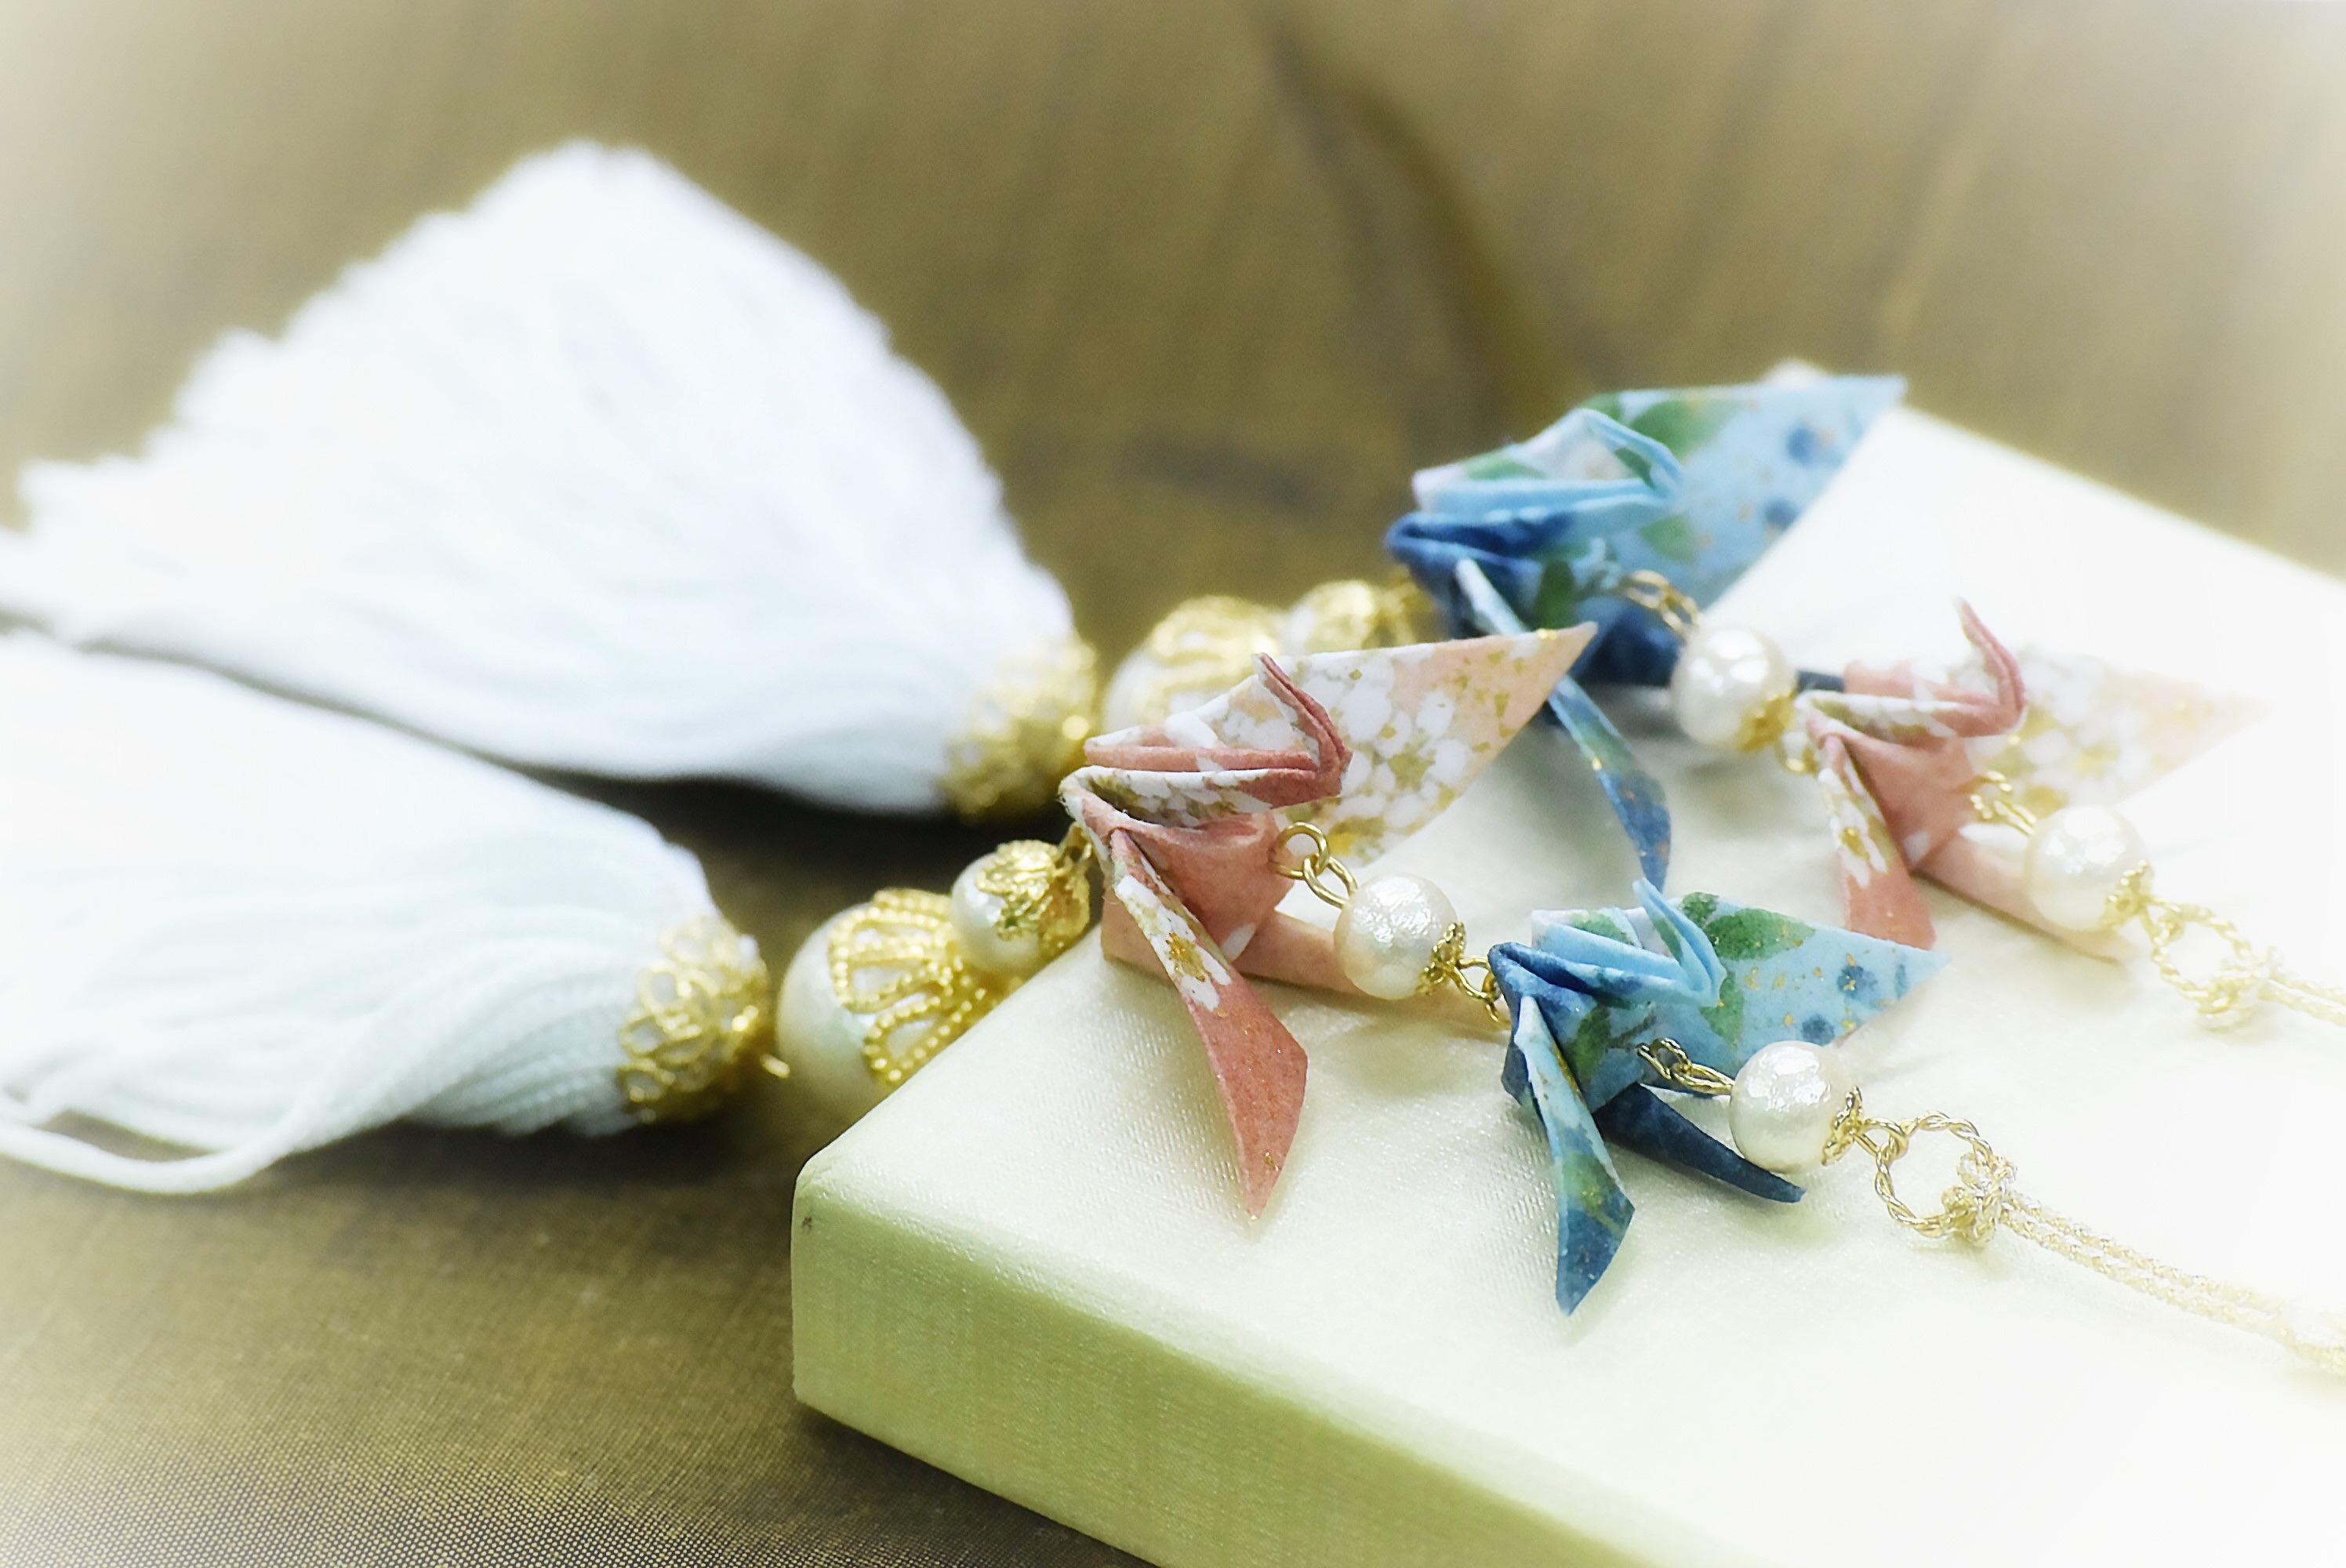 折り鶴に込めた思い。ピンクとブルーの連鶴の意味する心。『夫婦鶴』